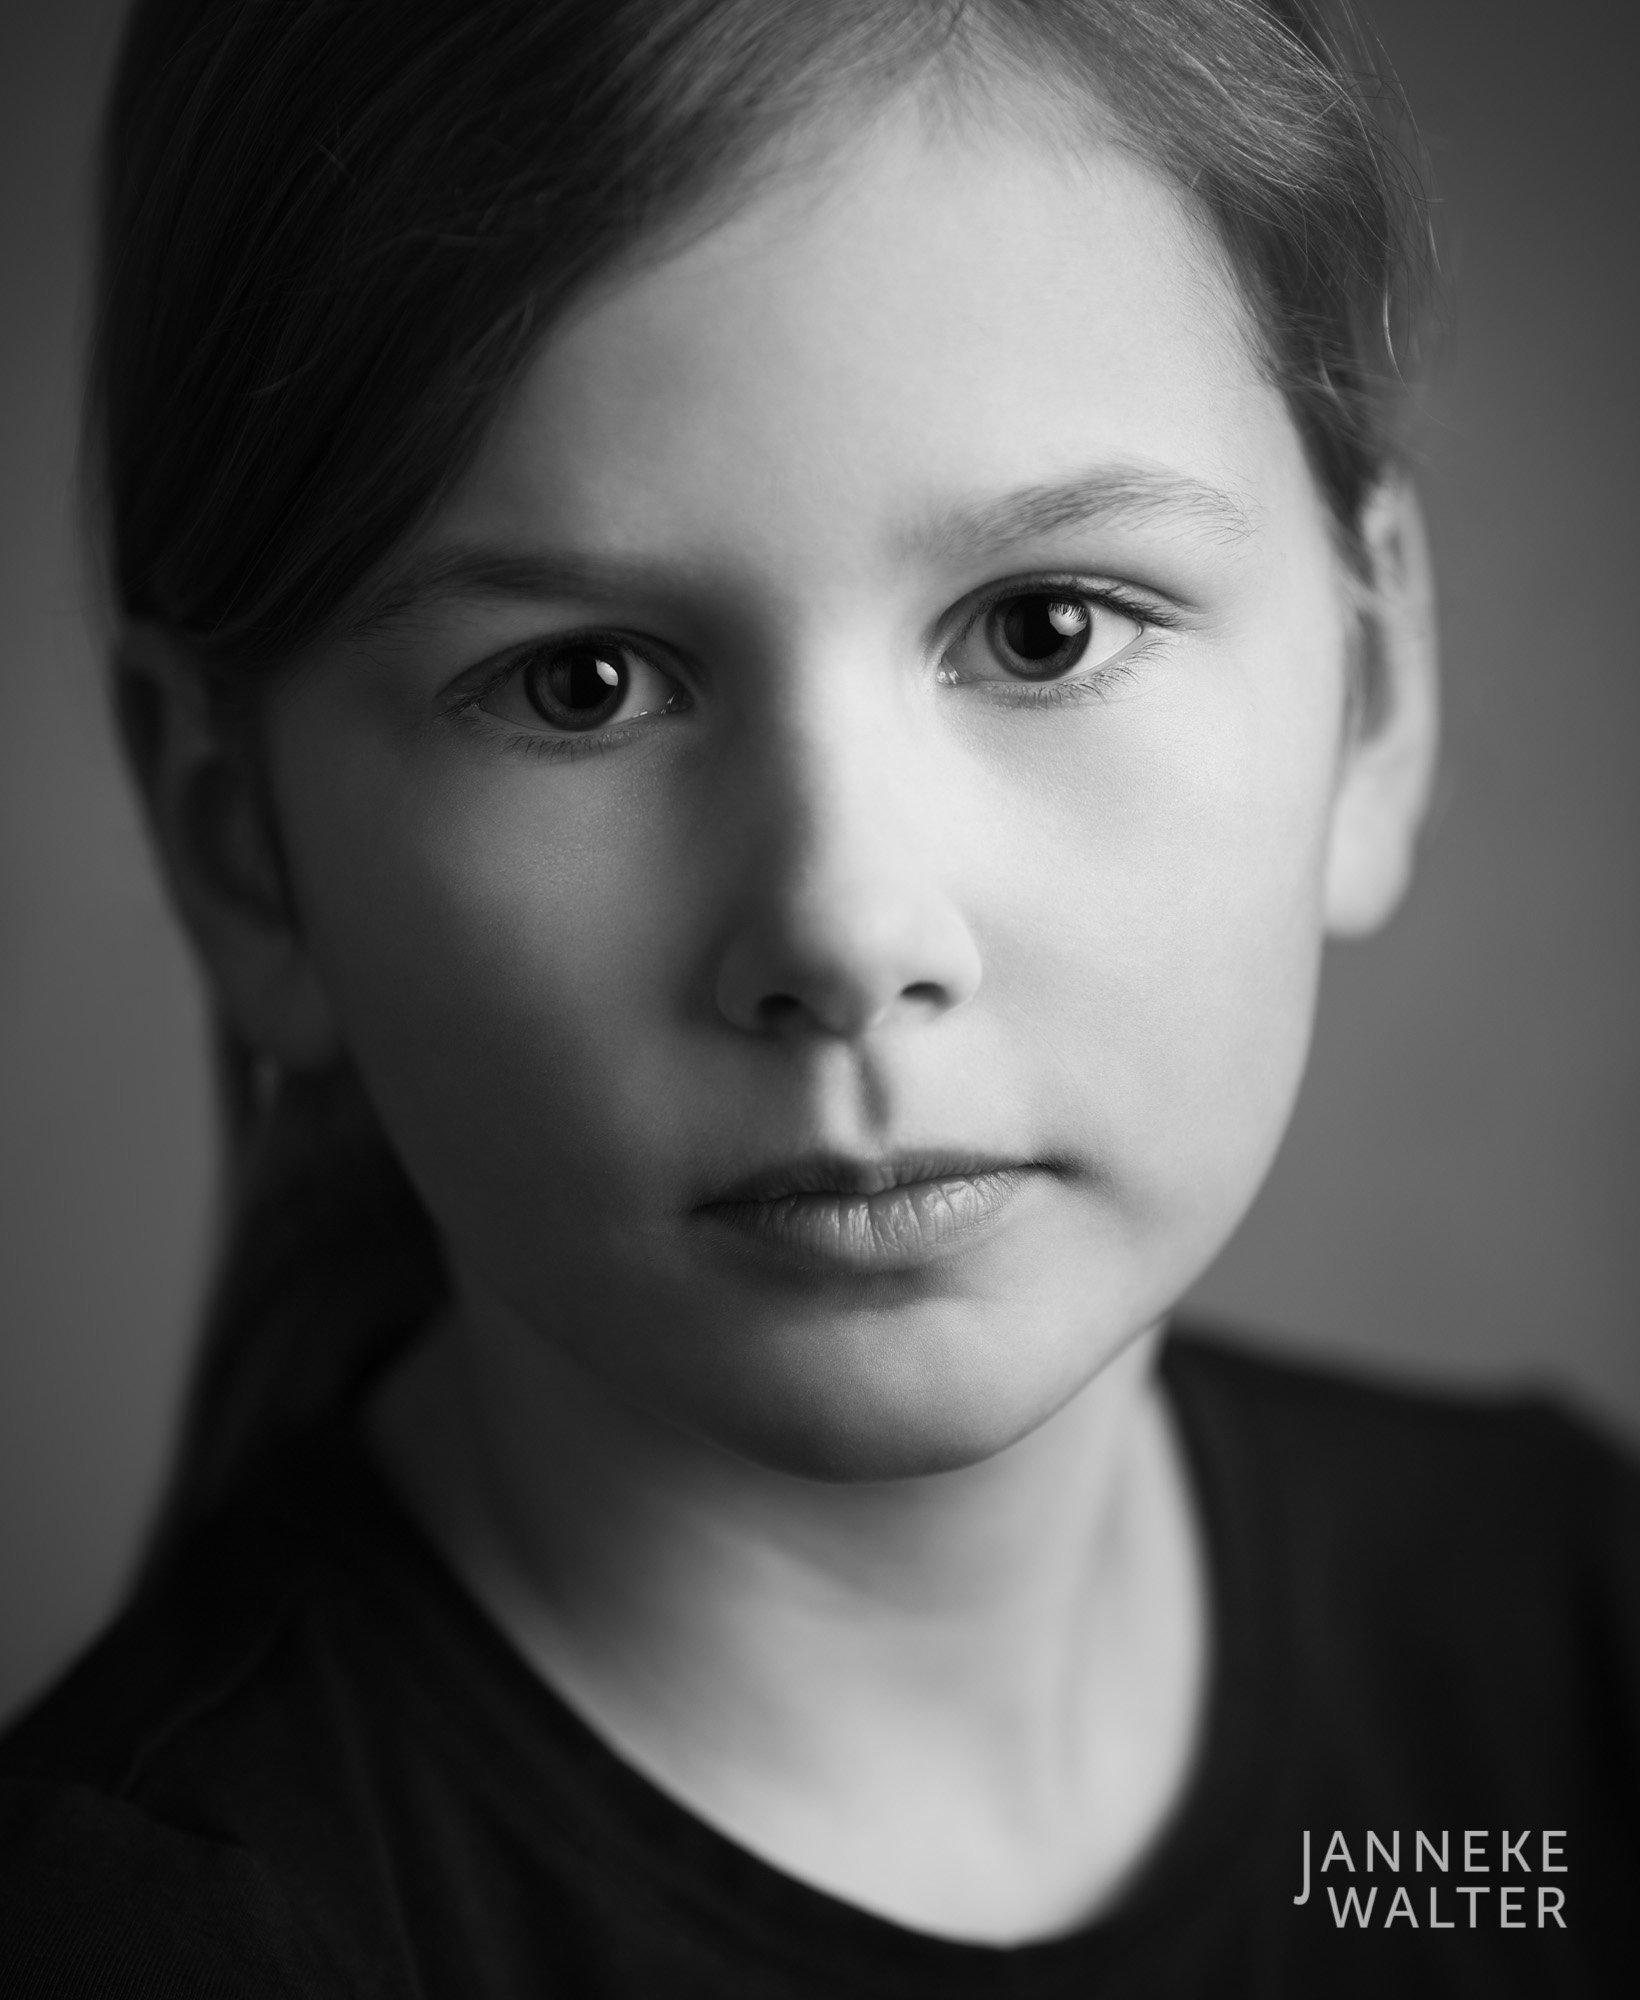 Portretfoto kind met staart @ Janneke Walter, kinderfotograaf Utrecht De Bilt, kinderfotografie, kinderportret